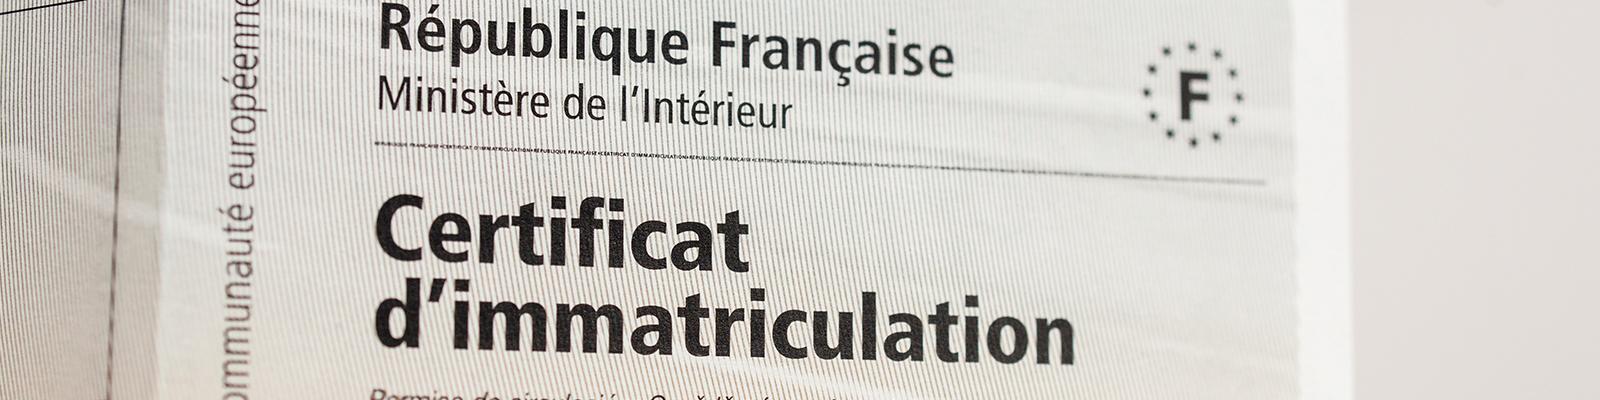 Carte grise, La règlementation en carte grise française